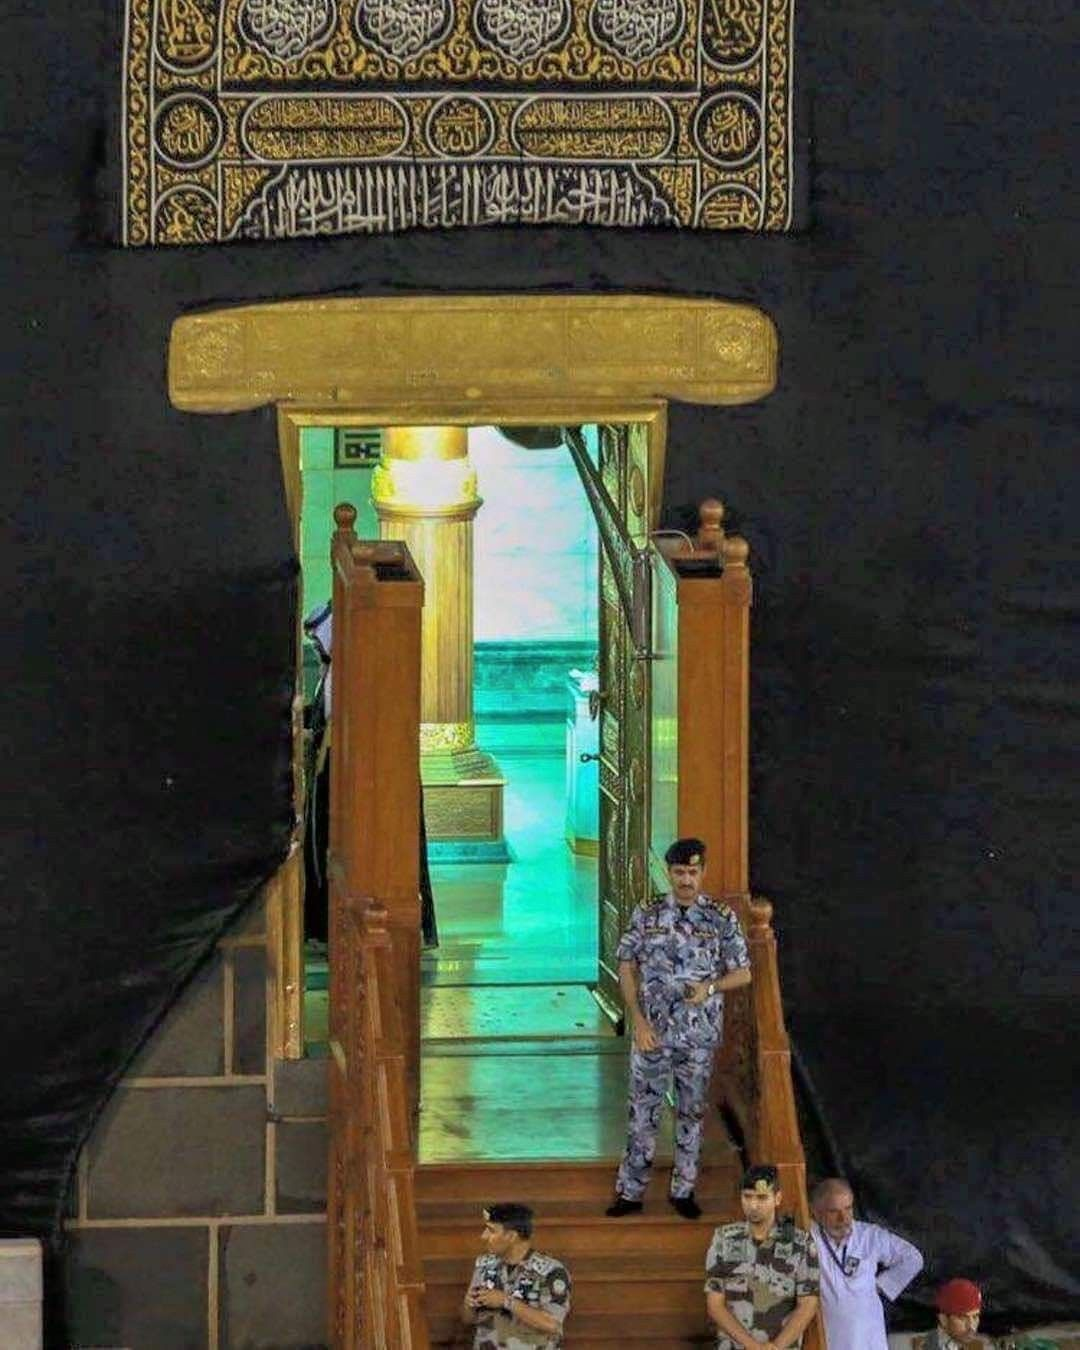 فتح باب الكعبة المشرفه اللهم زد هذا البيت تعظيما و تشريفا Islamic Pictures Candle Sconces Wall Lights